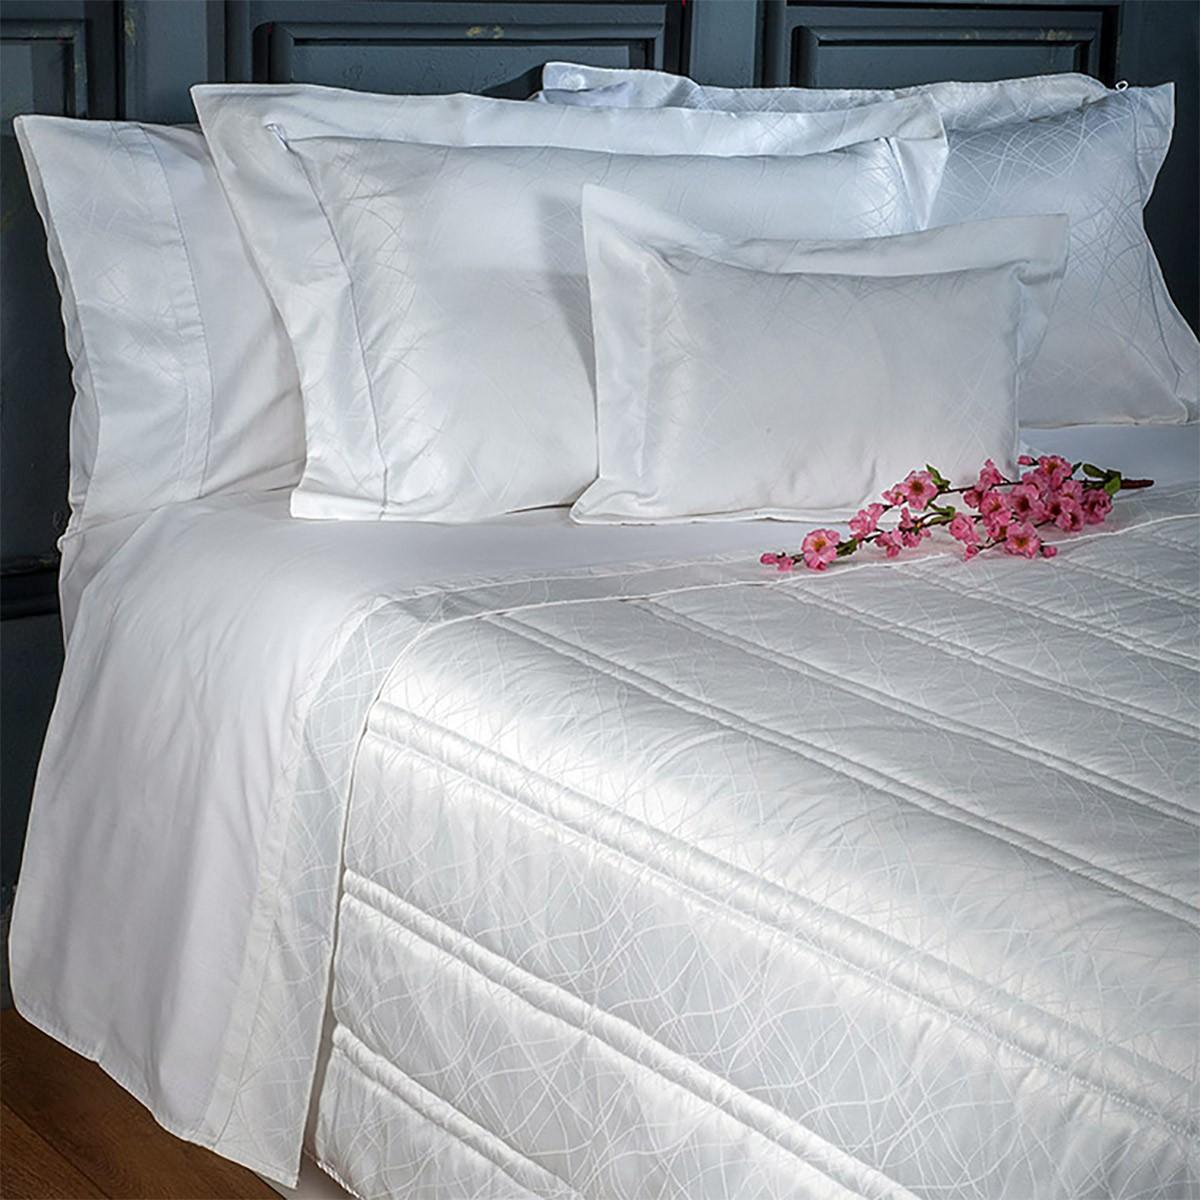 Νυφικό Κουβερλί (Σετ) Omega Home Des 111 home   μόδα γάμου   κουβερλί νυφικά